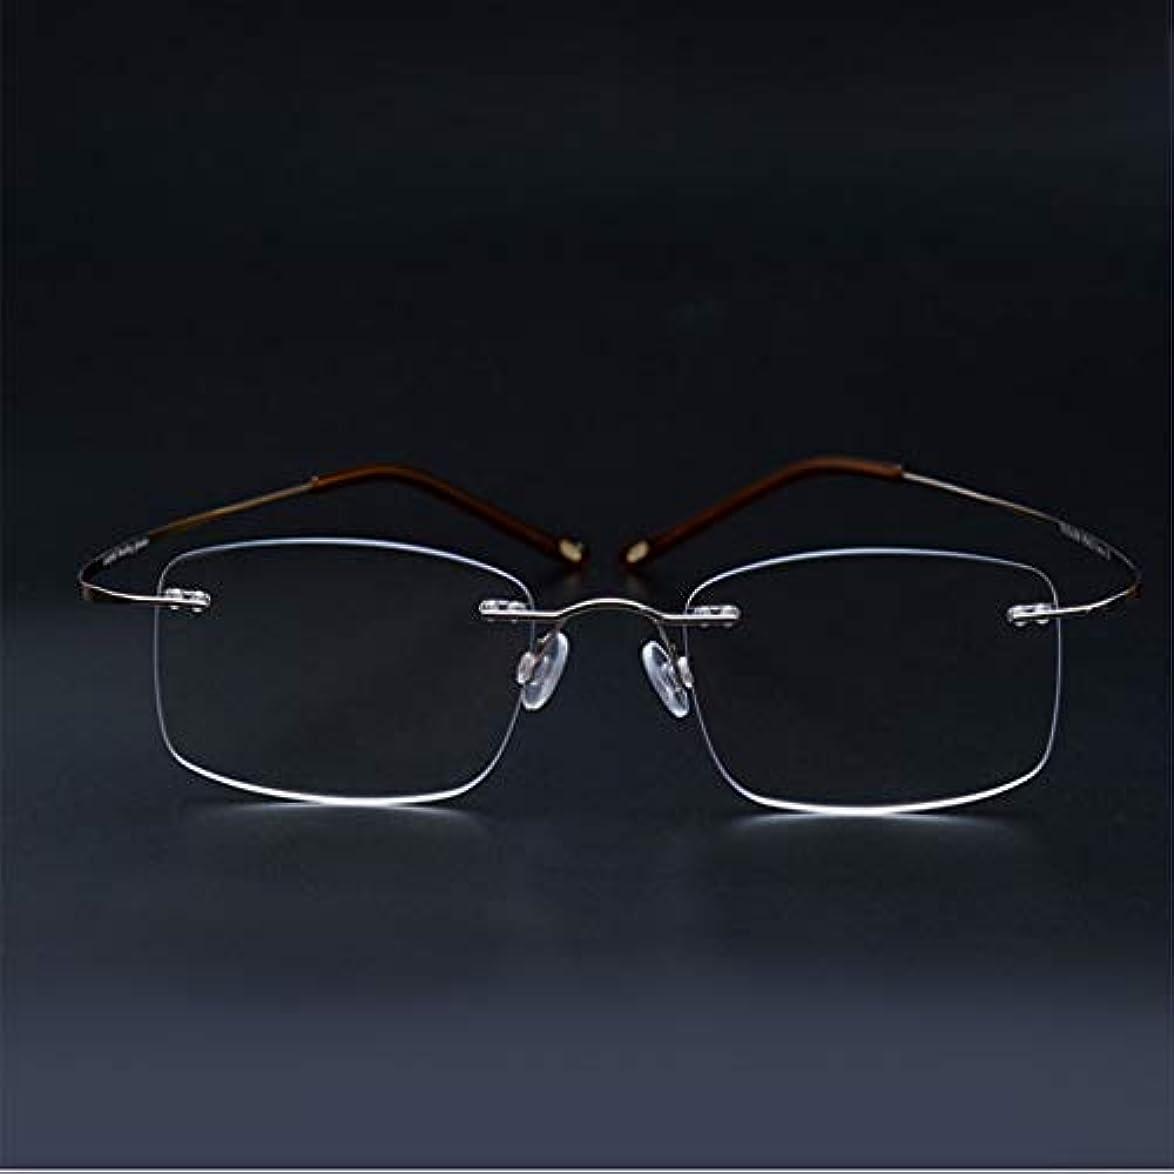 嘆願獲物禁輸スタイリッシュなHDフレームレス老眼鏡、兼用メガネ、シリコン鼻パッド、研磨加工、ユニセックス。